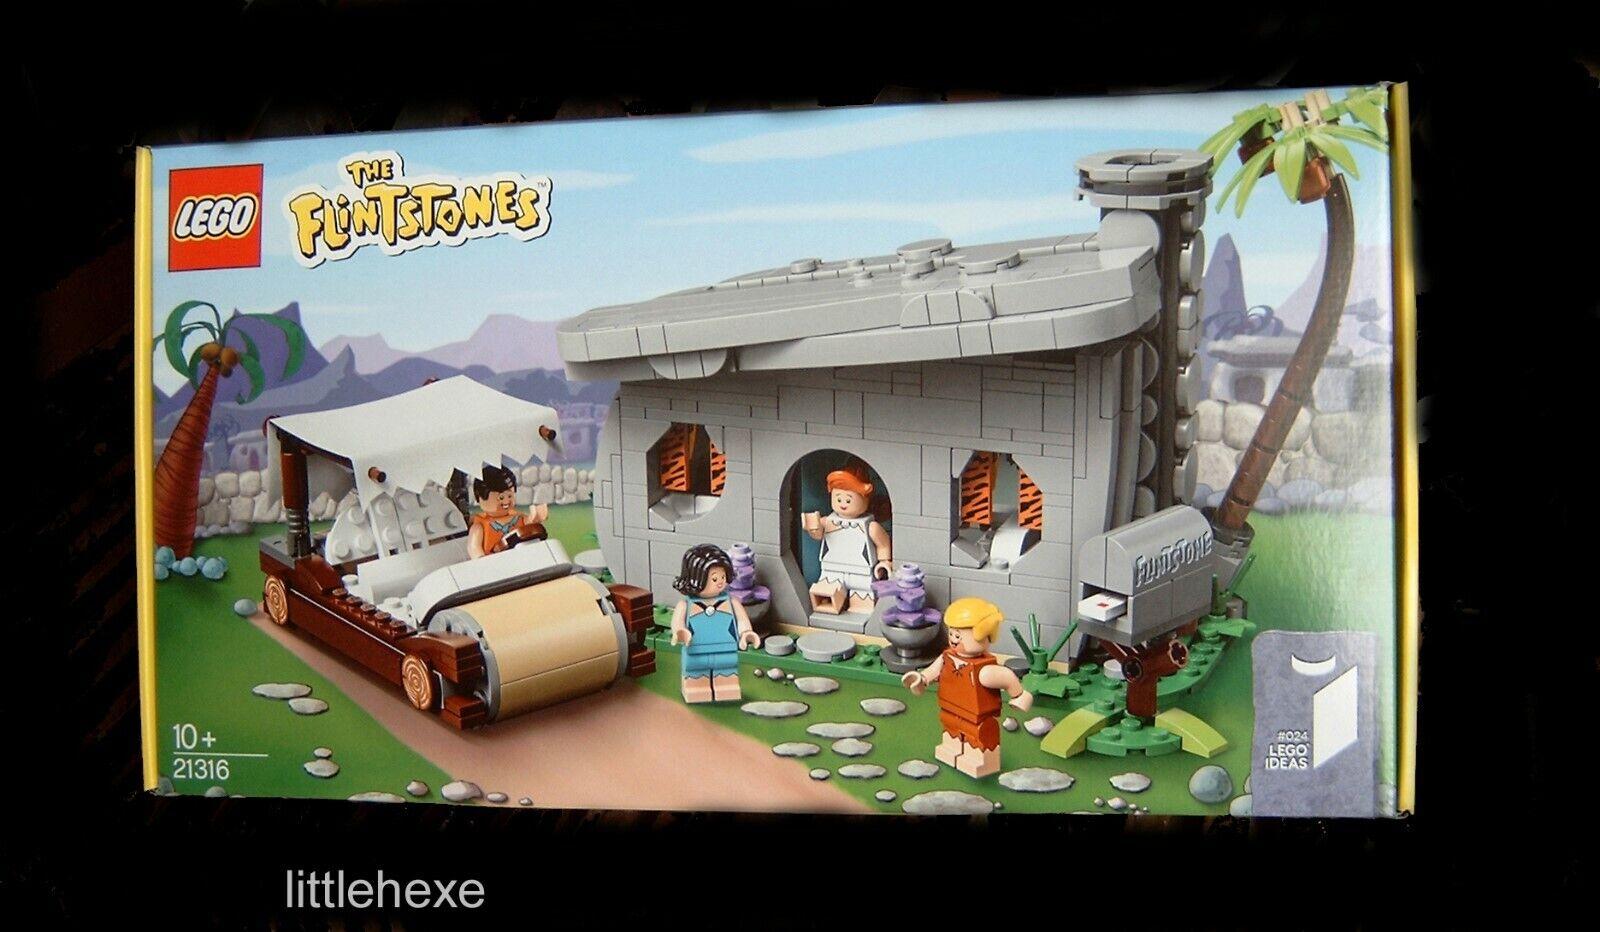 Lego Ideas 21316 famiie  feu Pierre The Flintstones Nouveau Neuf dans sa boîte  économisez 60% de réduction et expédition rapide dans le monde entier